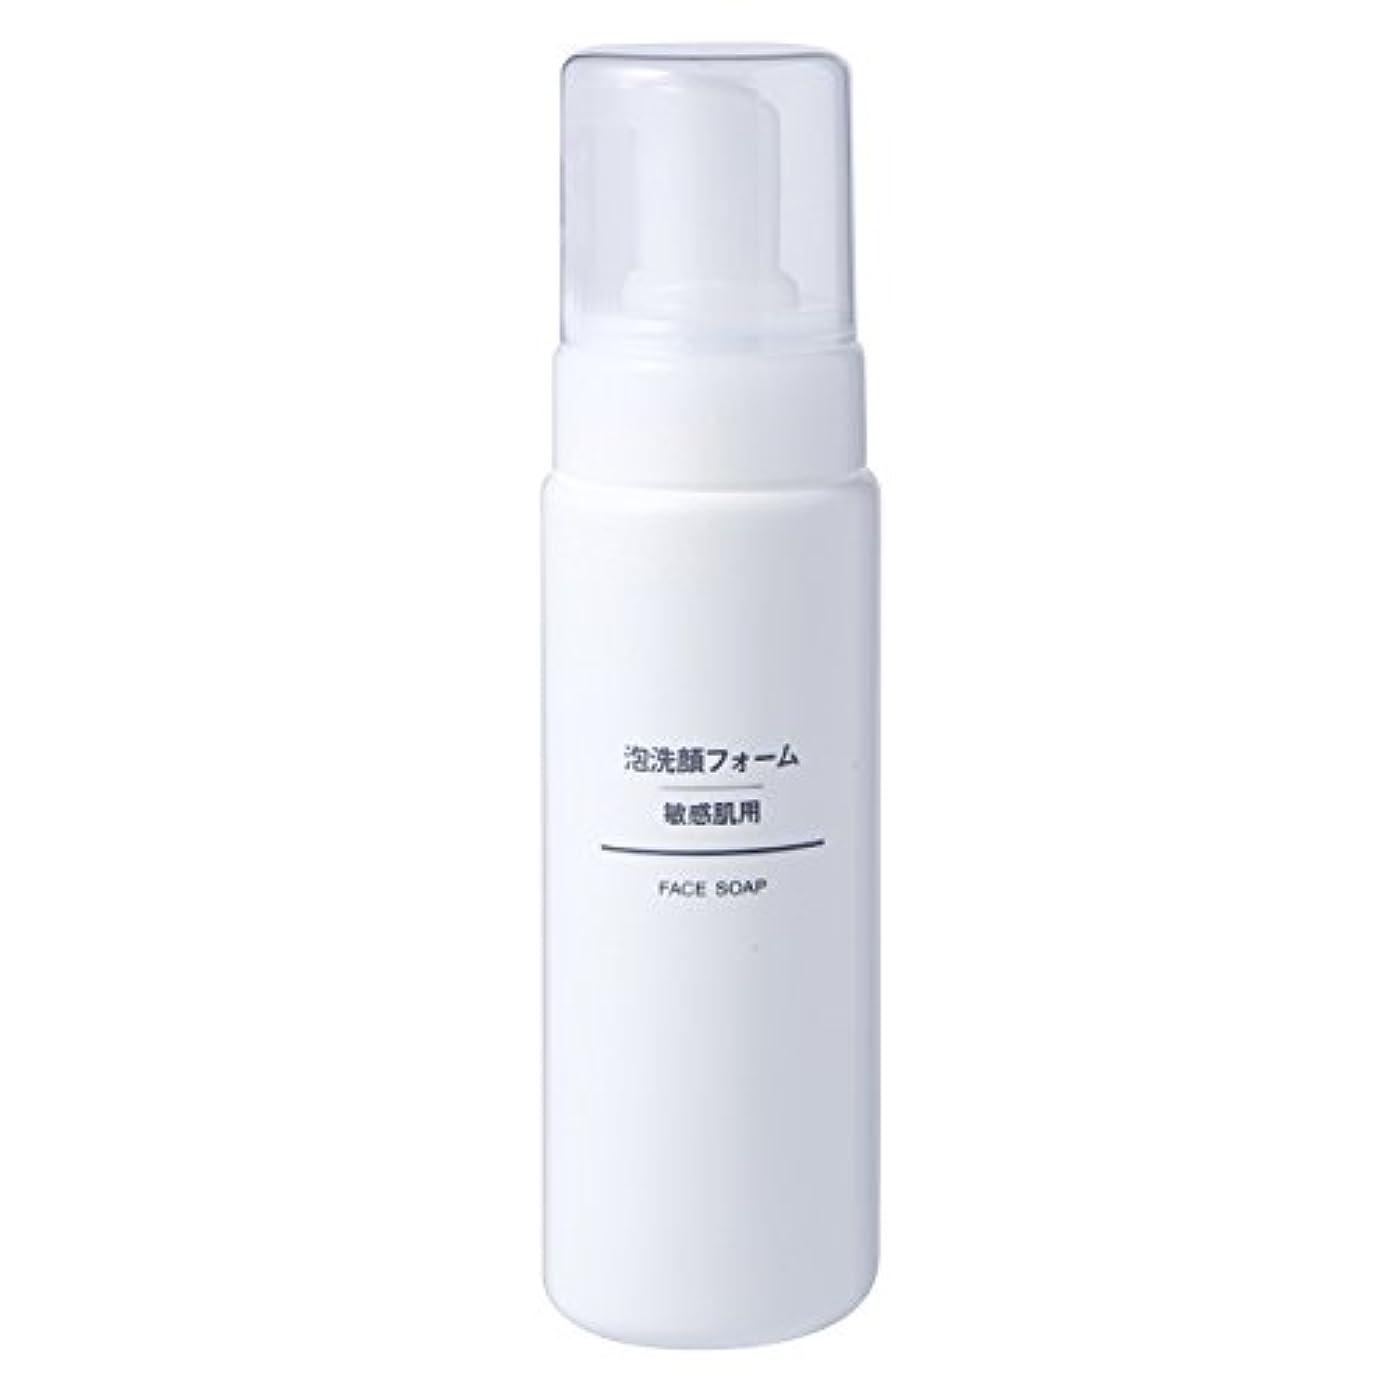 コカイン対外部無印良品 泡洗顔フォーム 敏感肌用 200ml